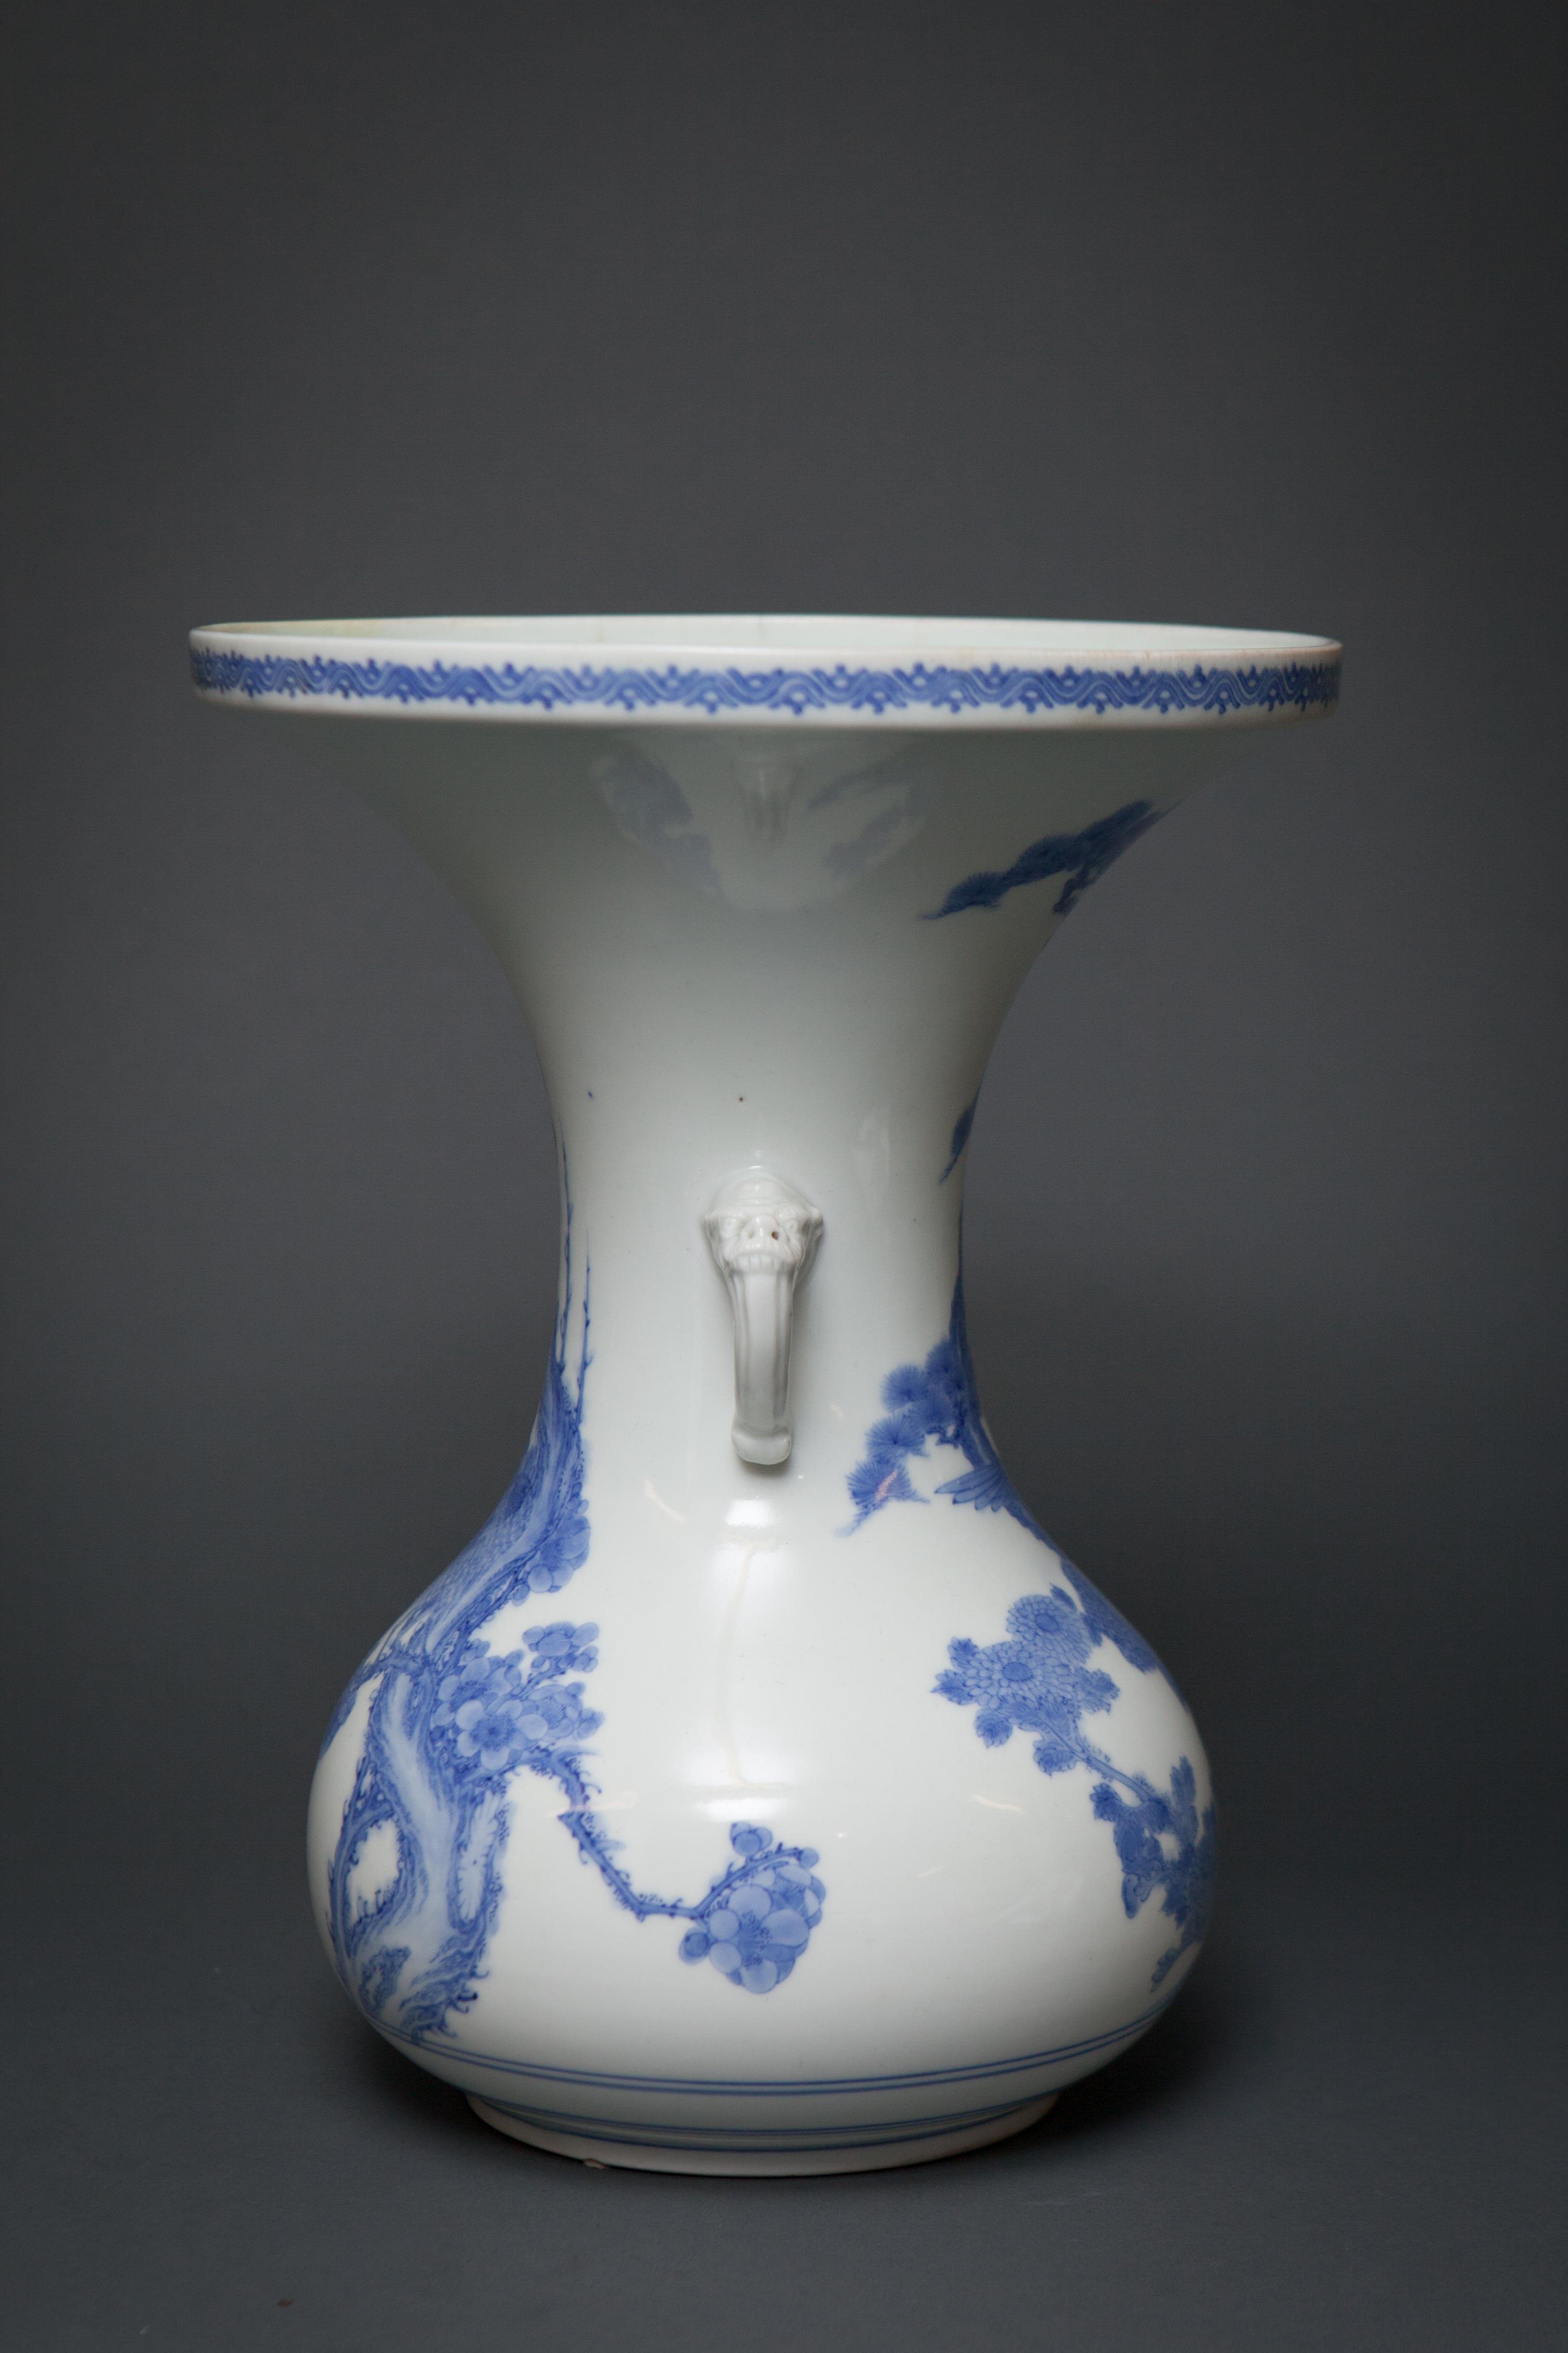 Hirado Vase Blue and White Studio Vase